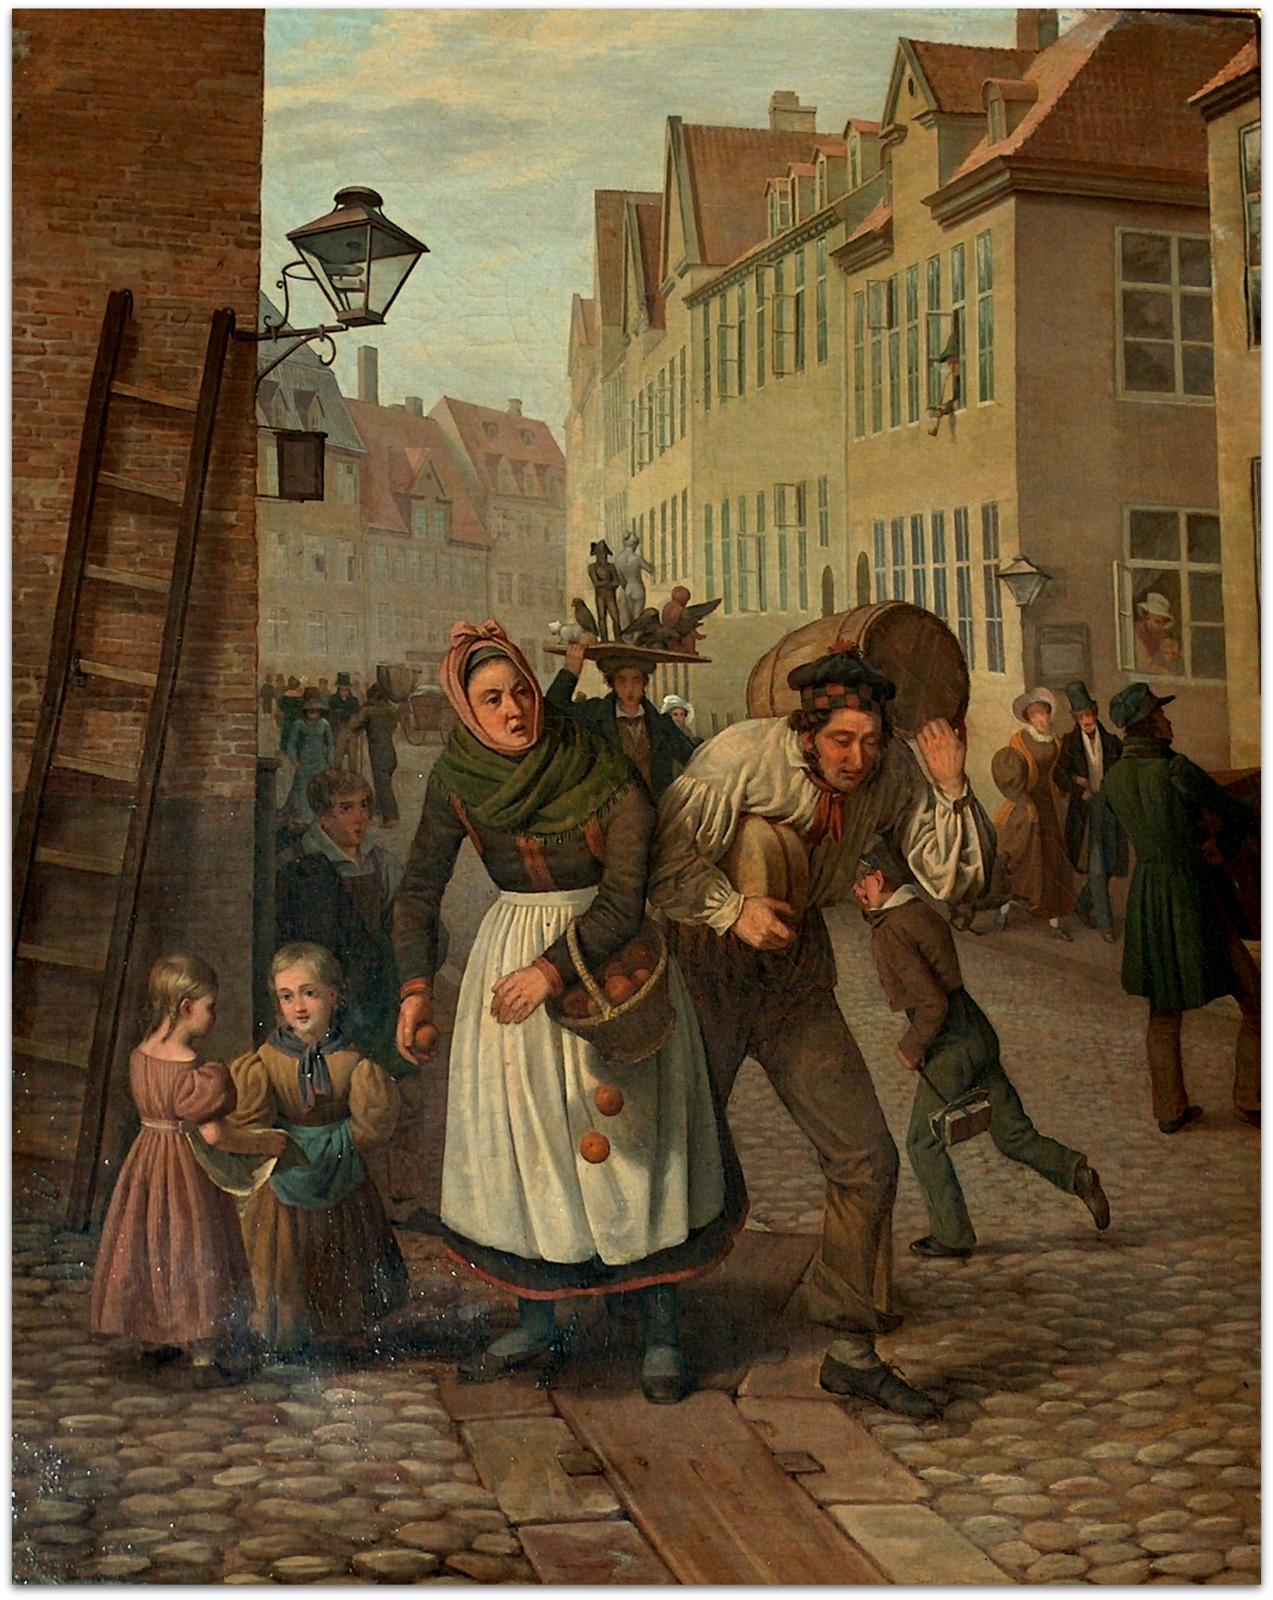 H.C. Andersens København. Parti fra Magstræde i København. Edvard Lehmann, 1834. Københavns Bymuseum. Foto Lars Bjørnsten 2005.